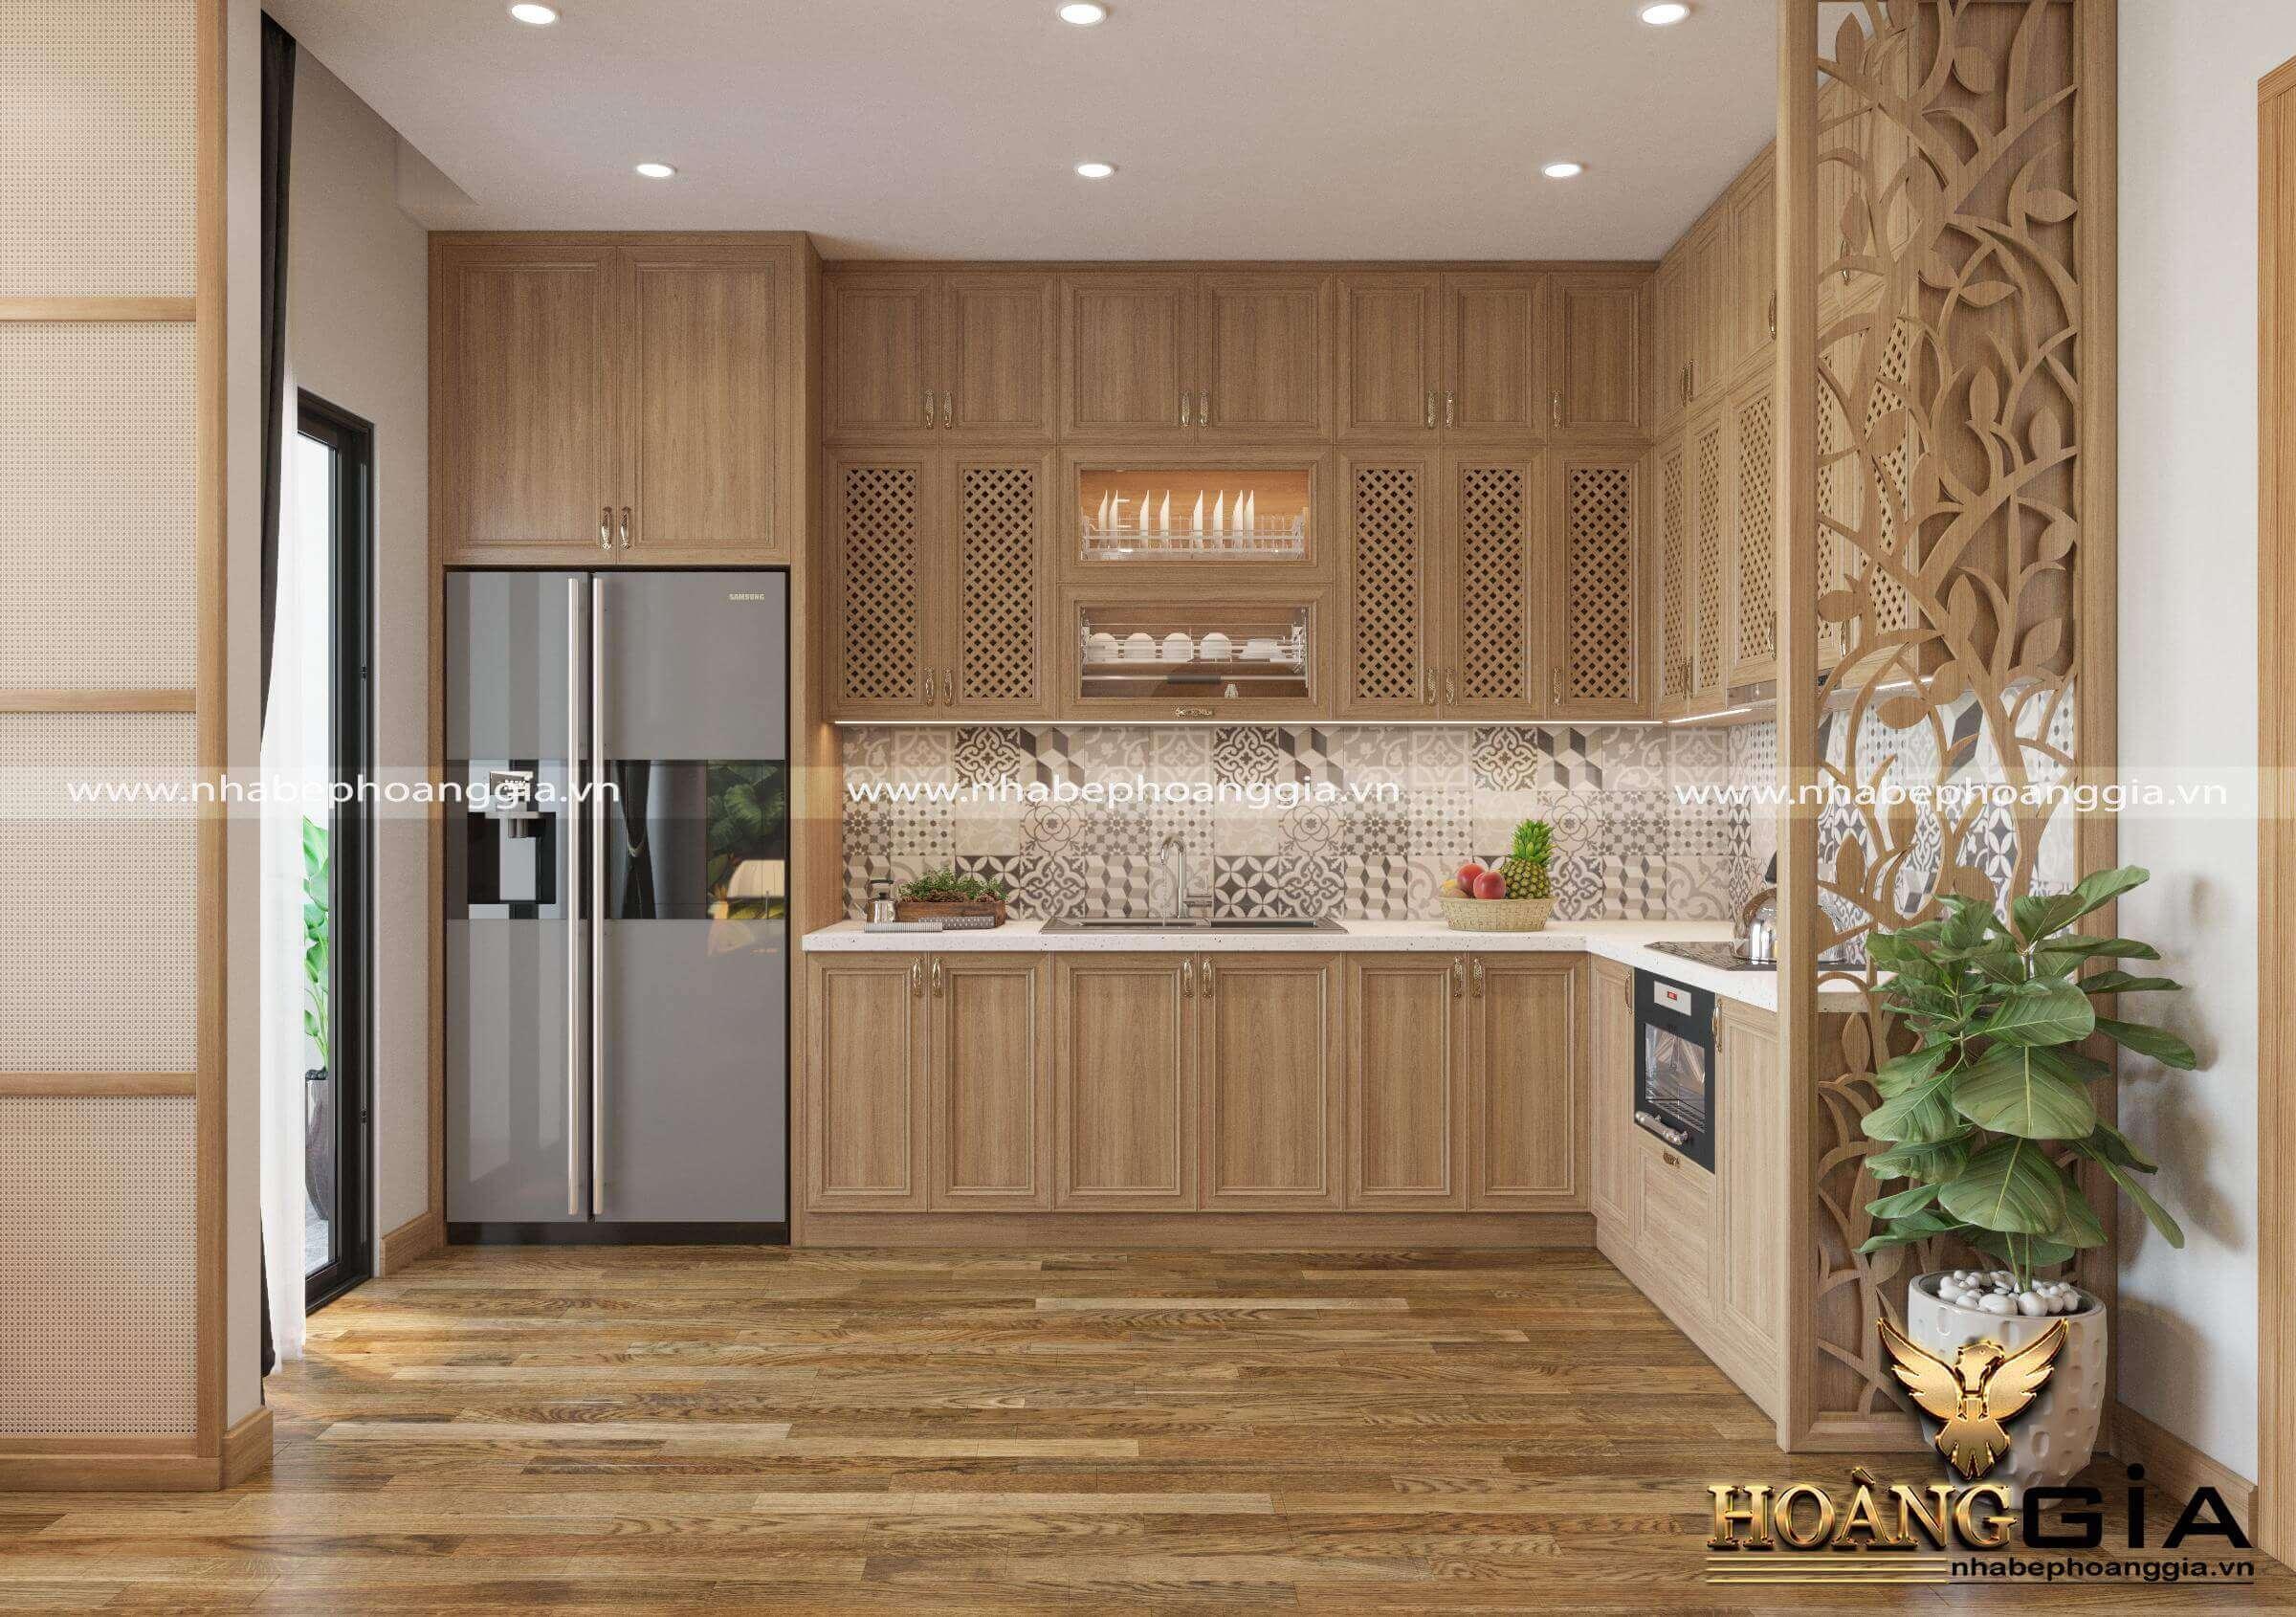 mẫu tủ bếp gỗ nhỏ đẹp 2020